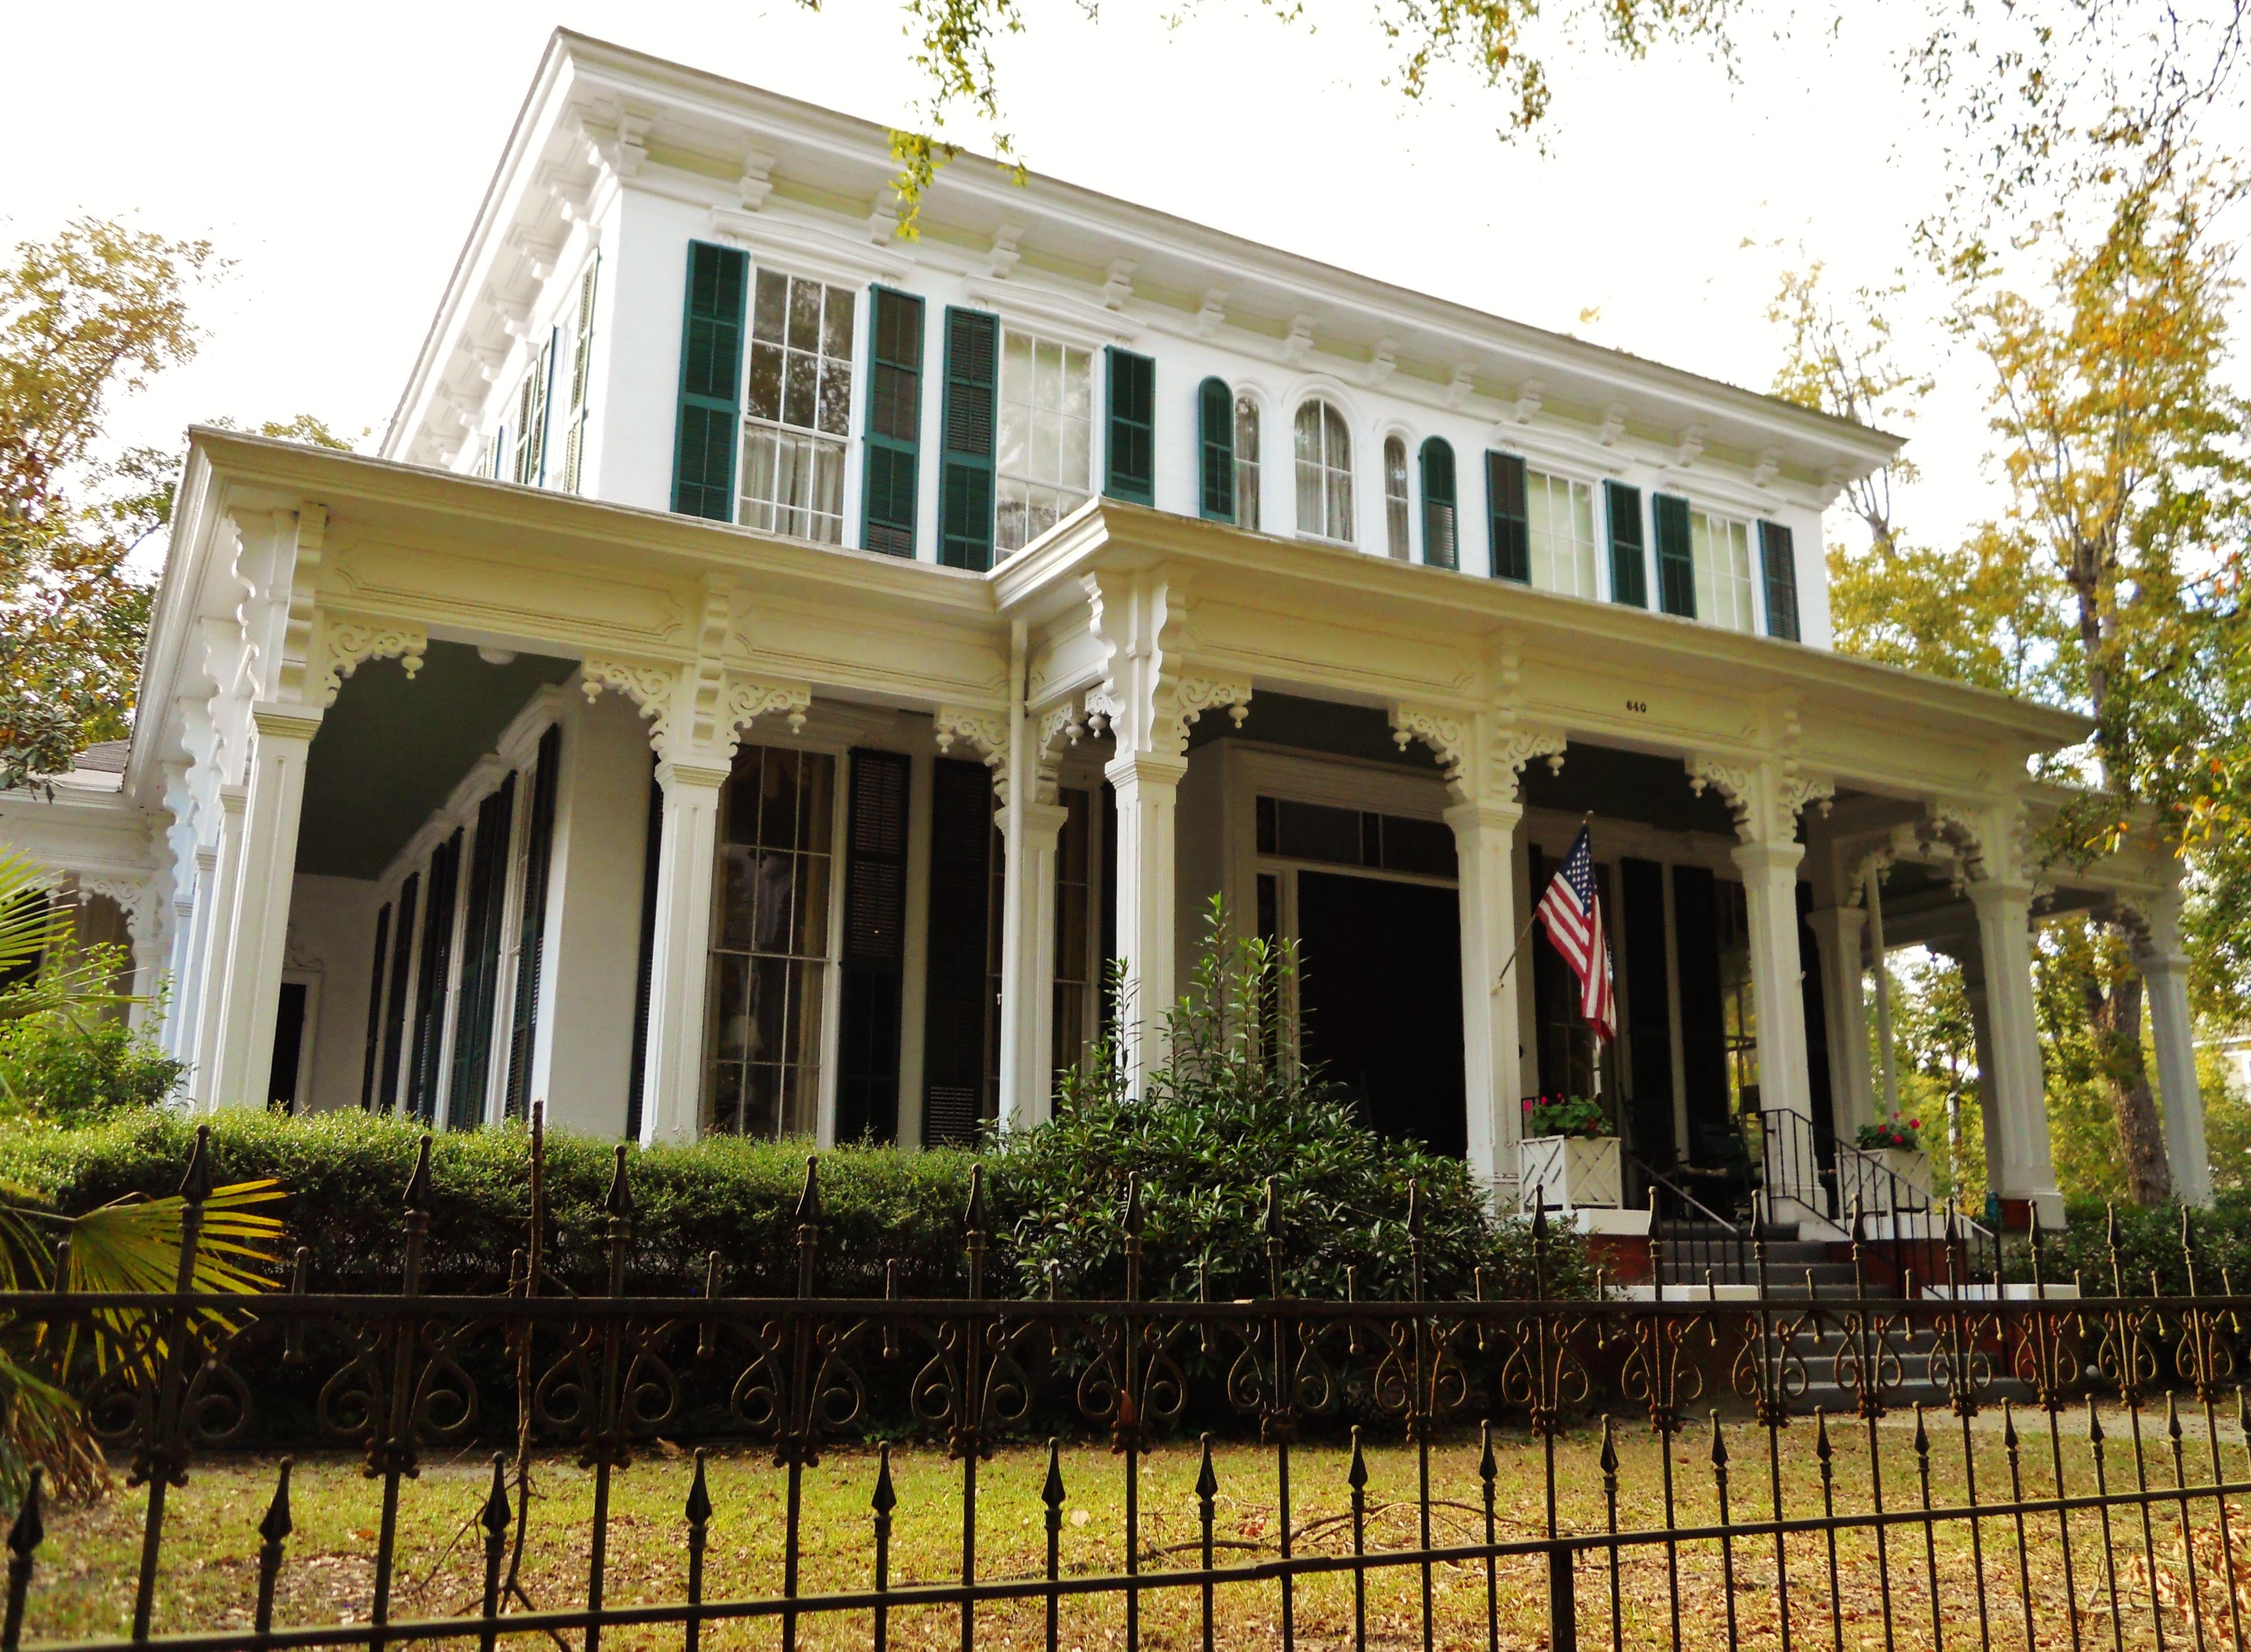 1000 Images About Eufaula Alabama On Pinterest